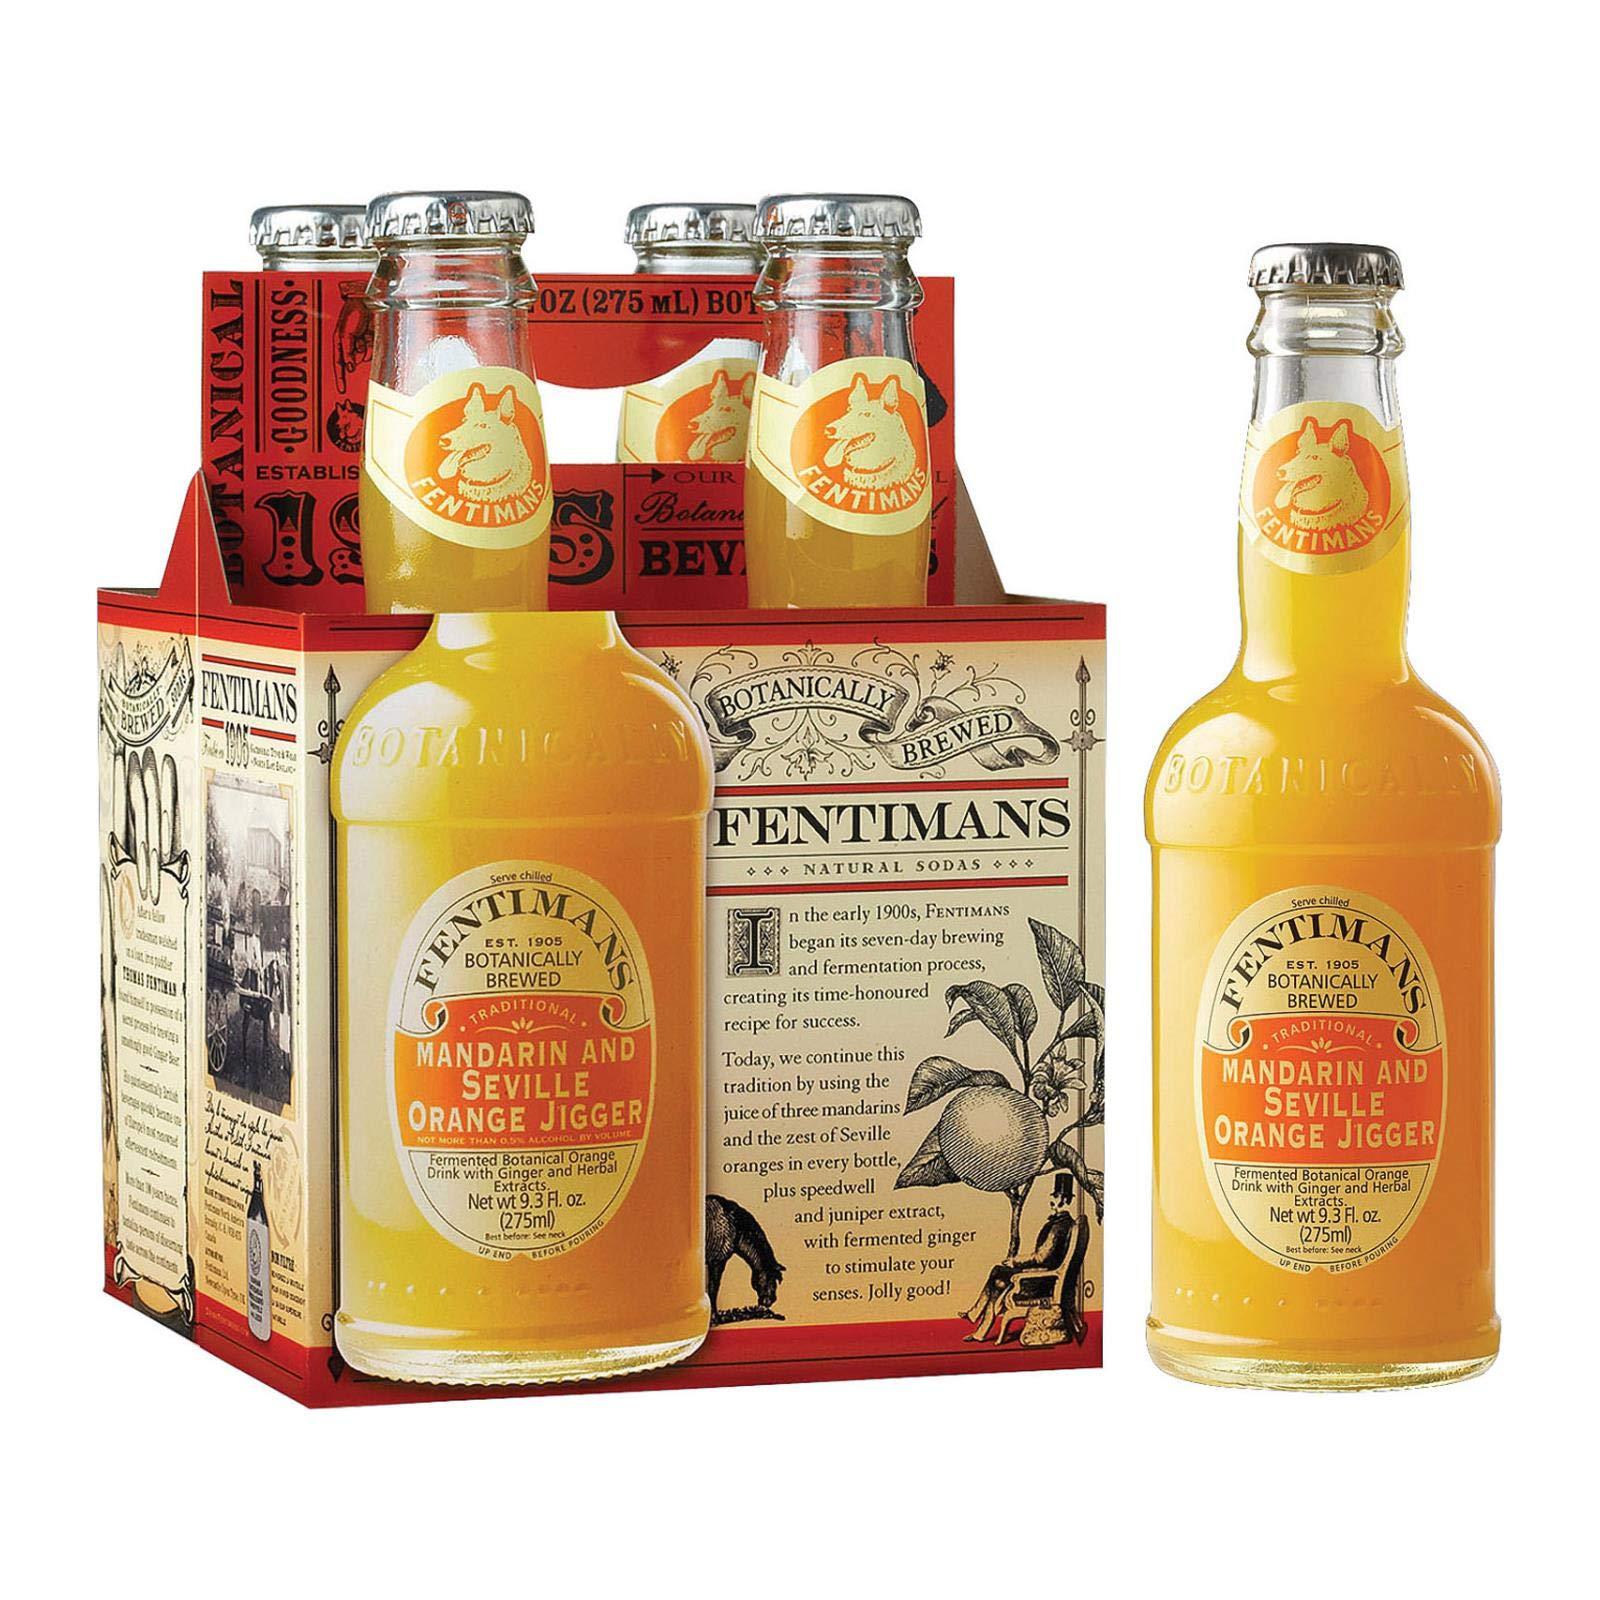 Fentimans Orange Drink, Mandarin and Seville Orange Jigger, Pack of 6